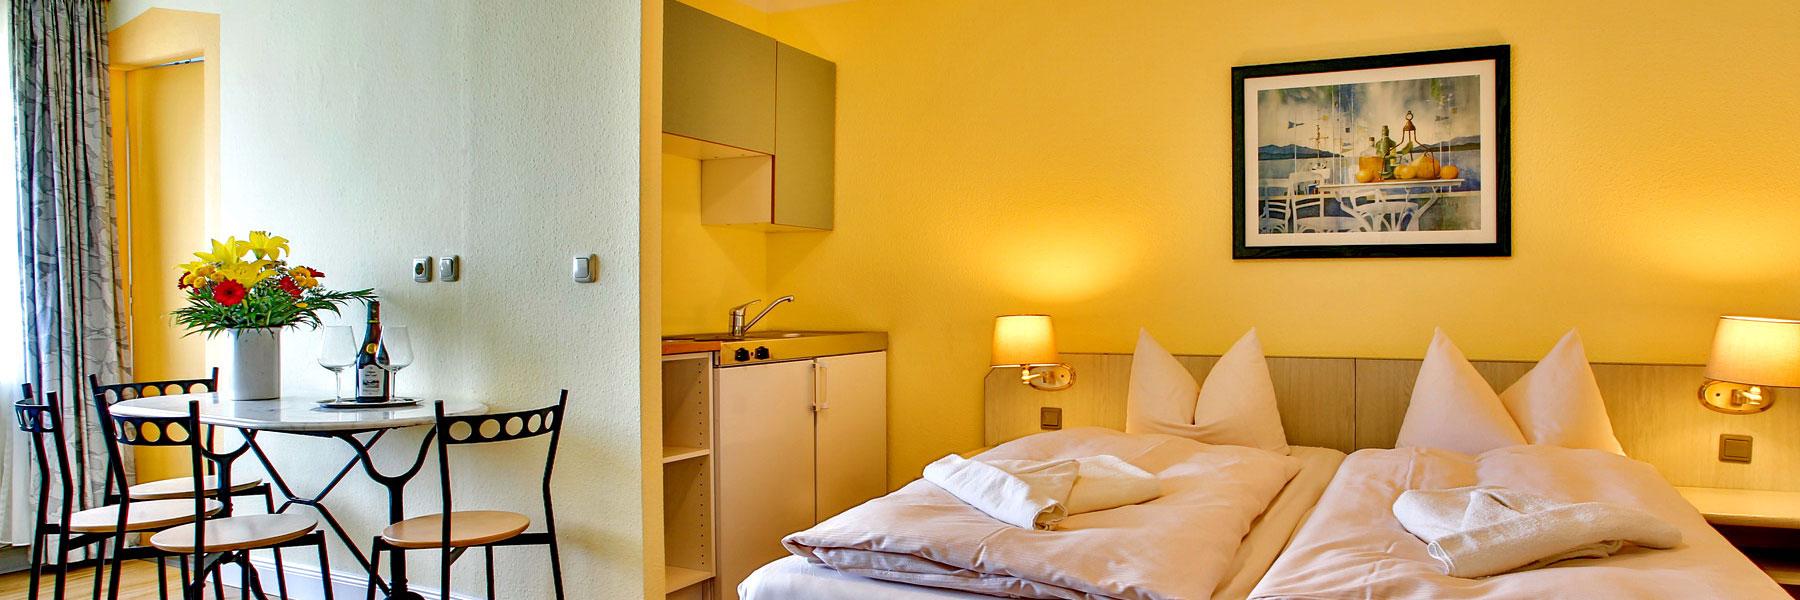 Appartement - Villa Edda (Hotel-Garni - Ferienwohnungen - Appartements)